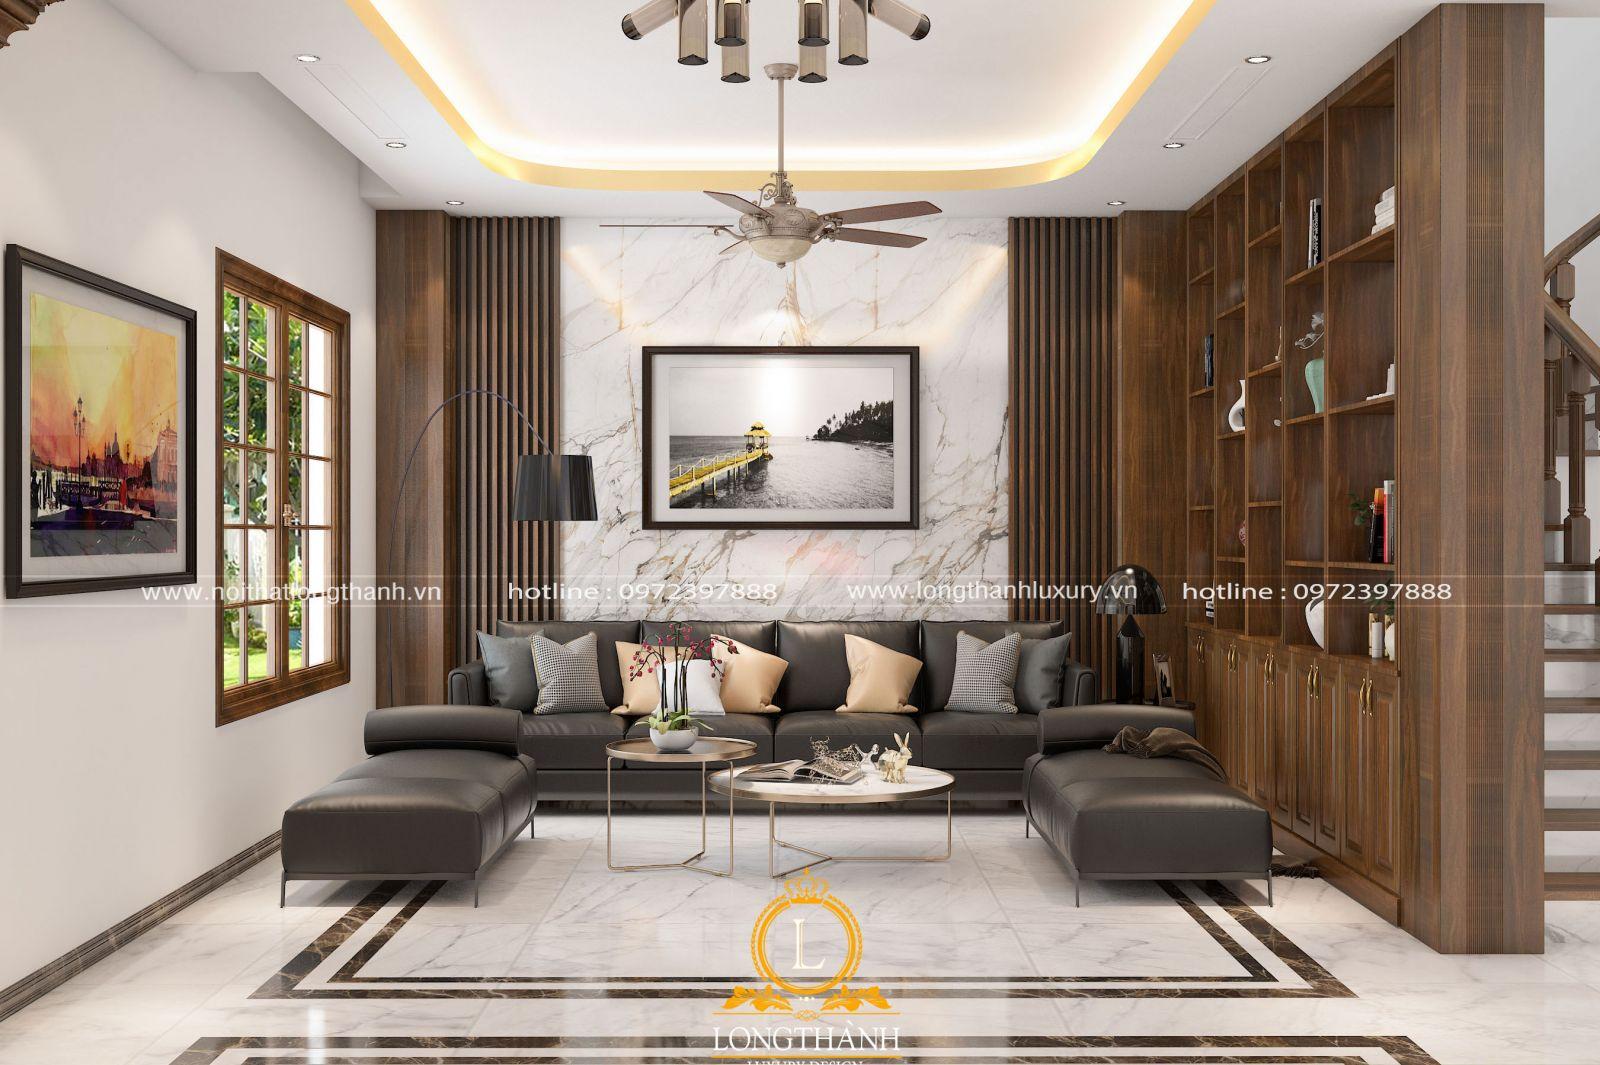 Không gian phòng khách hiện đại được thiết kế và bài trí phù hợp với diện tíchthựctế